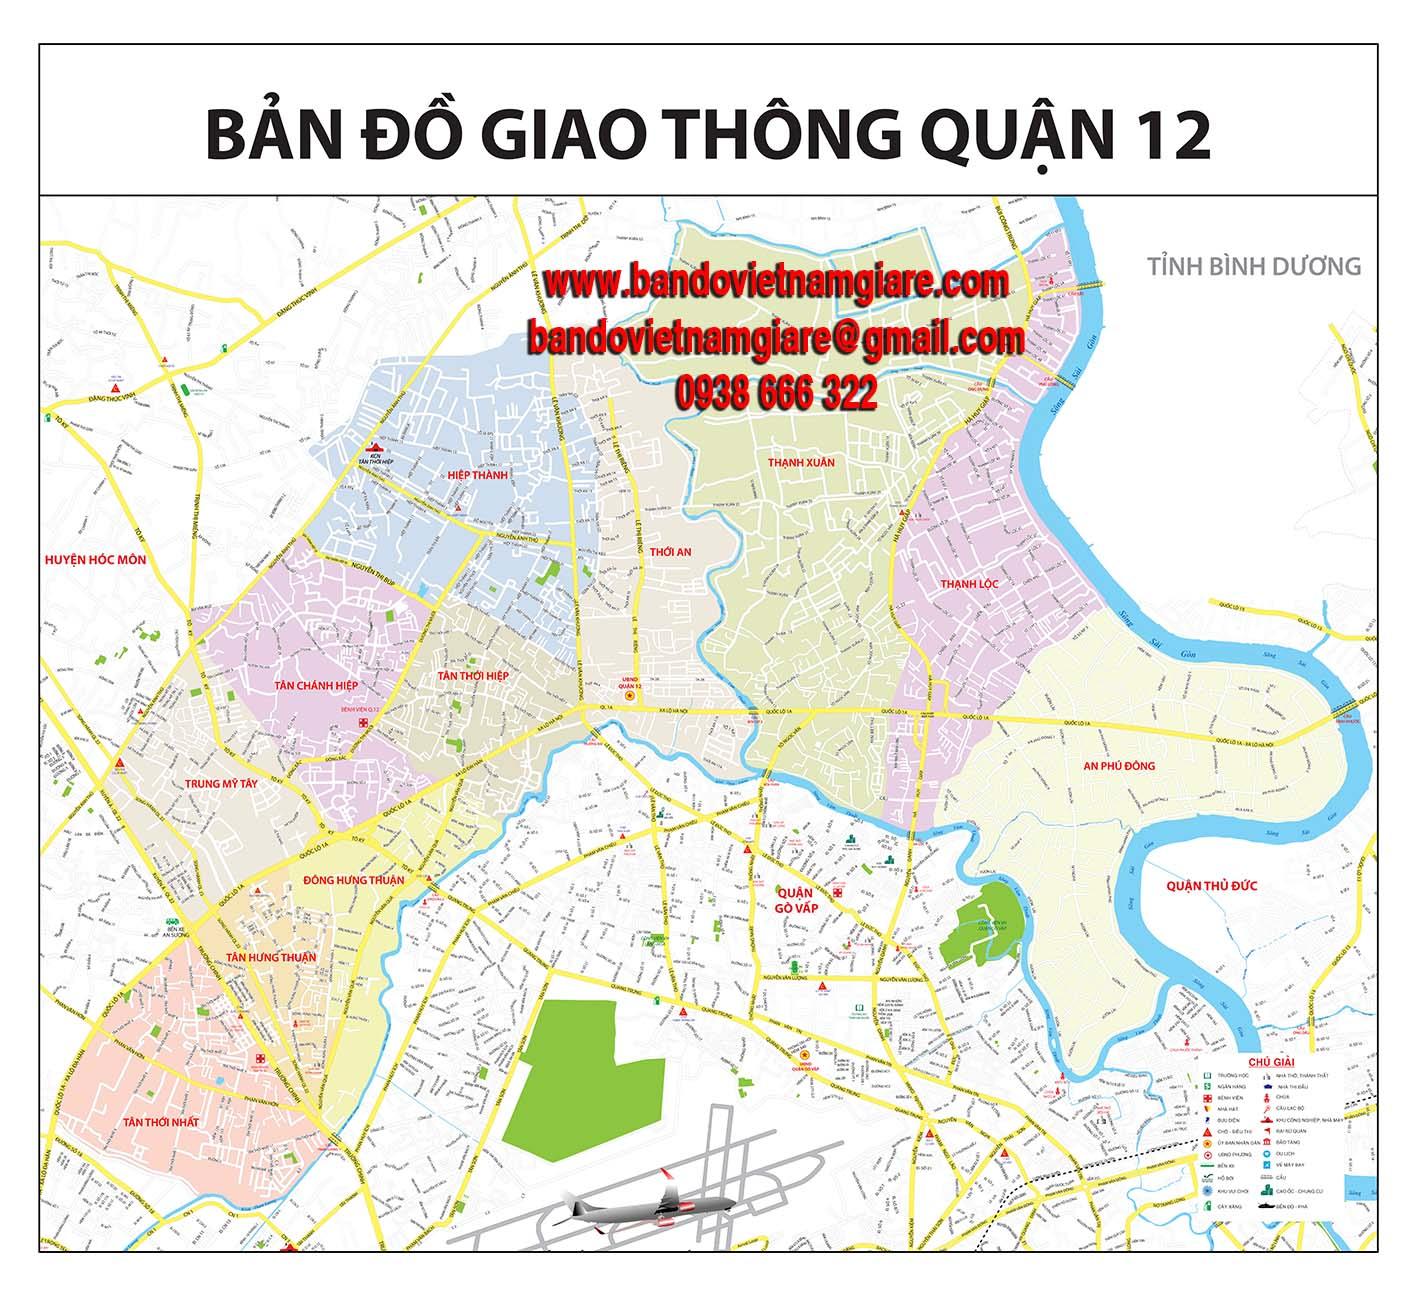 bản đồ giao thông quận 12 tphcm